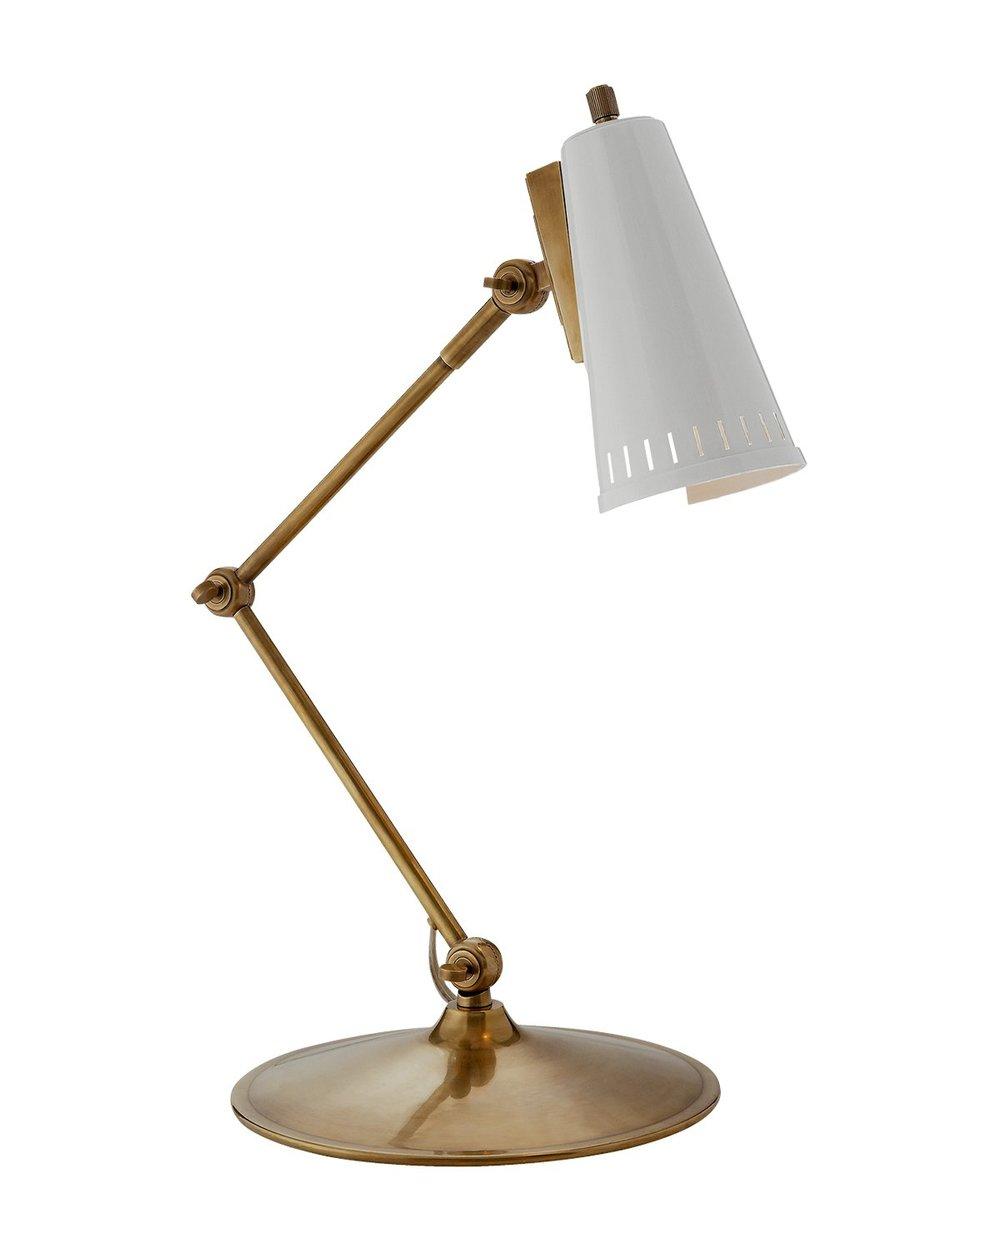 Antonio_Articulating_Task_Lamp_2.jpg